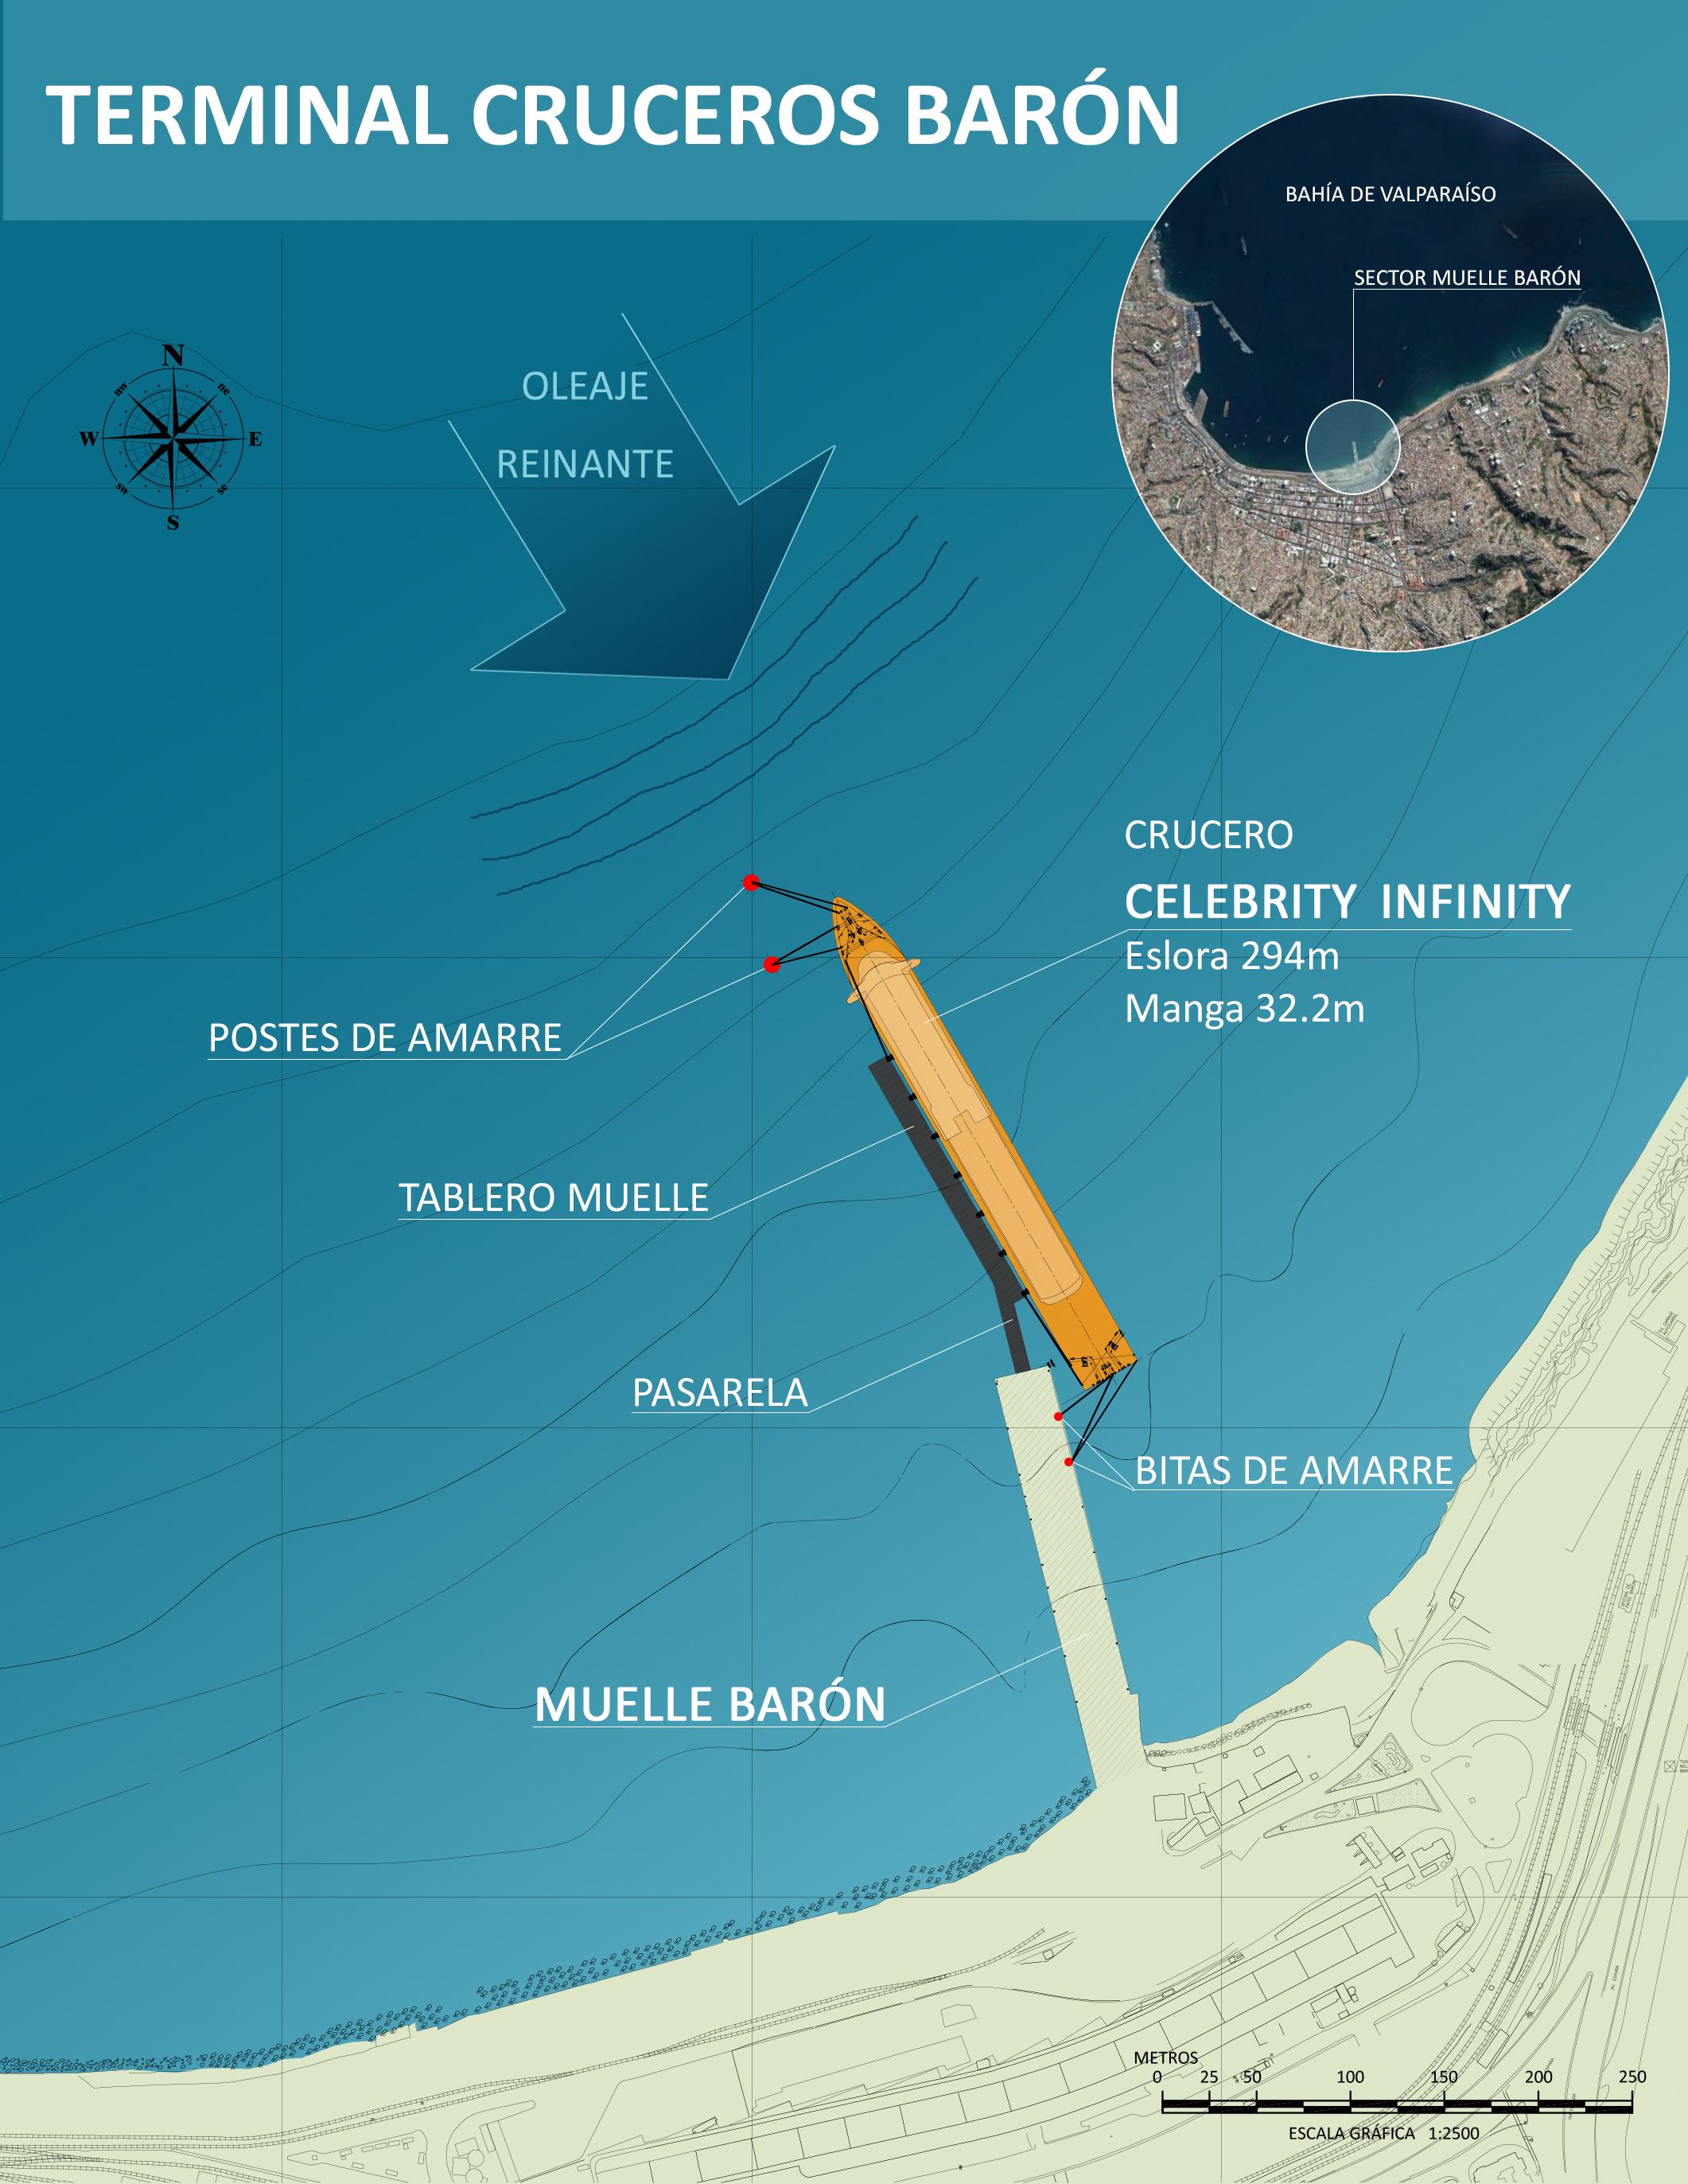 Tps propone muelle dedicado a cruceros para asegurar recaladas en valpara so tps - Asegurar coche un mes ...